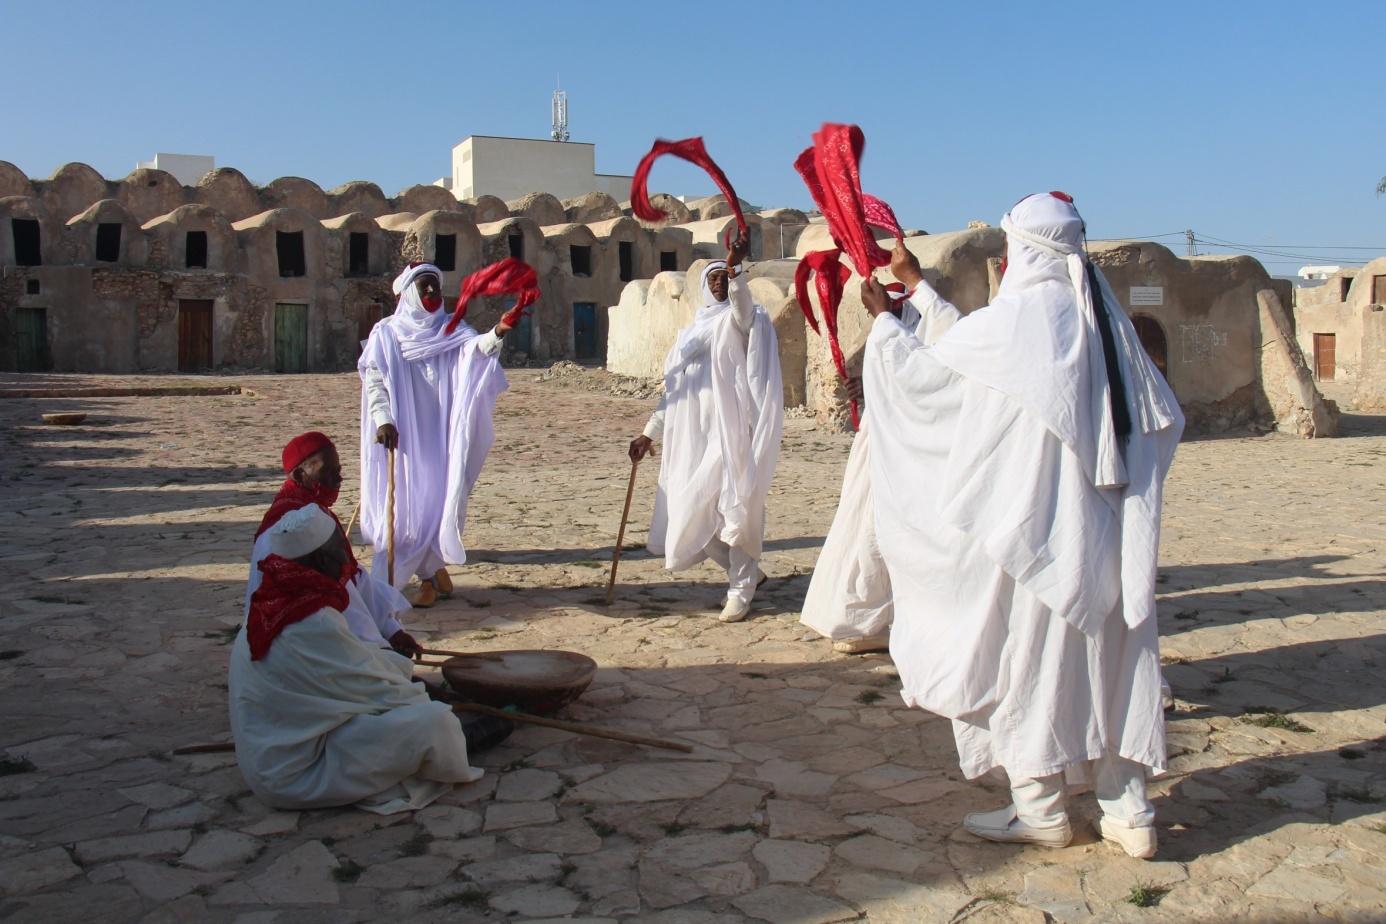 L'art du spectacle chez les ṭwāyef de Ghbonten